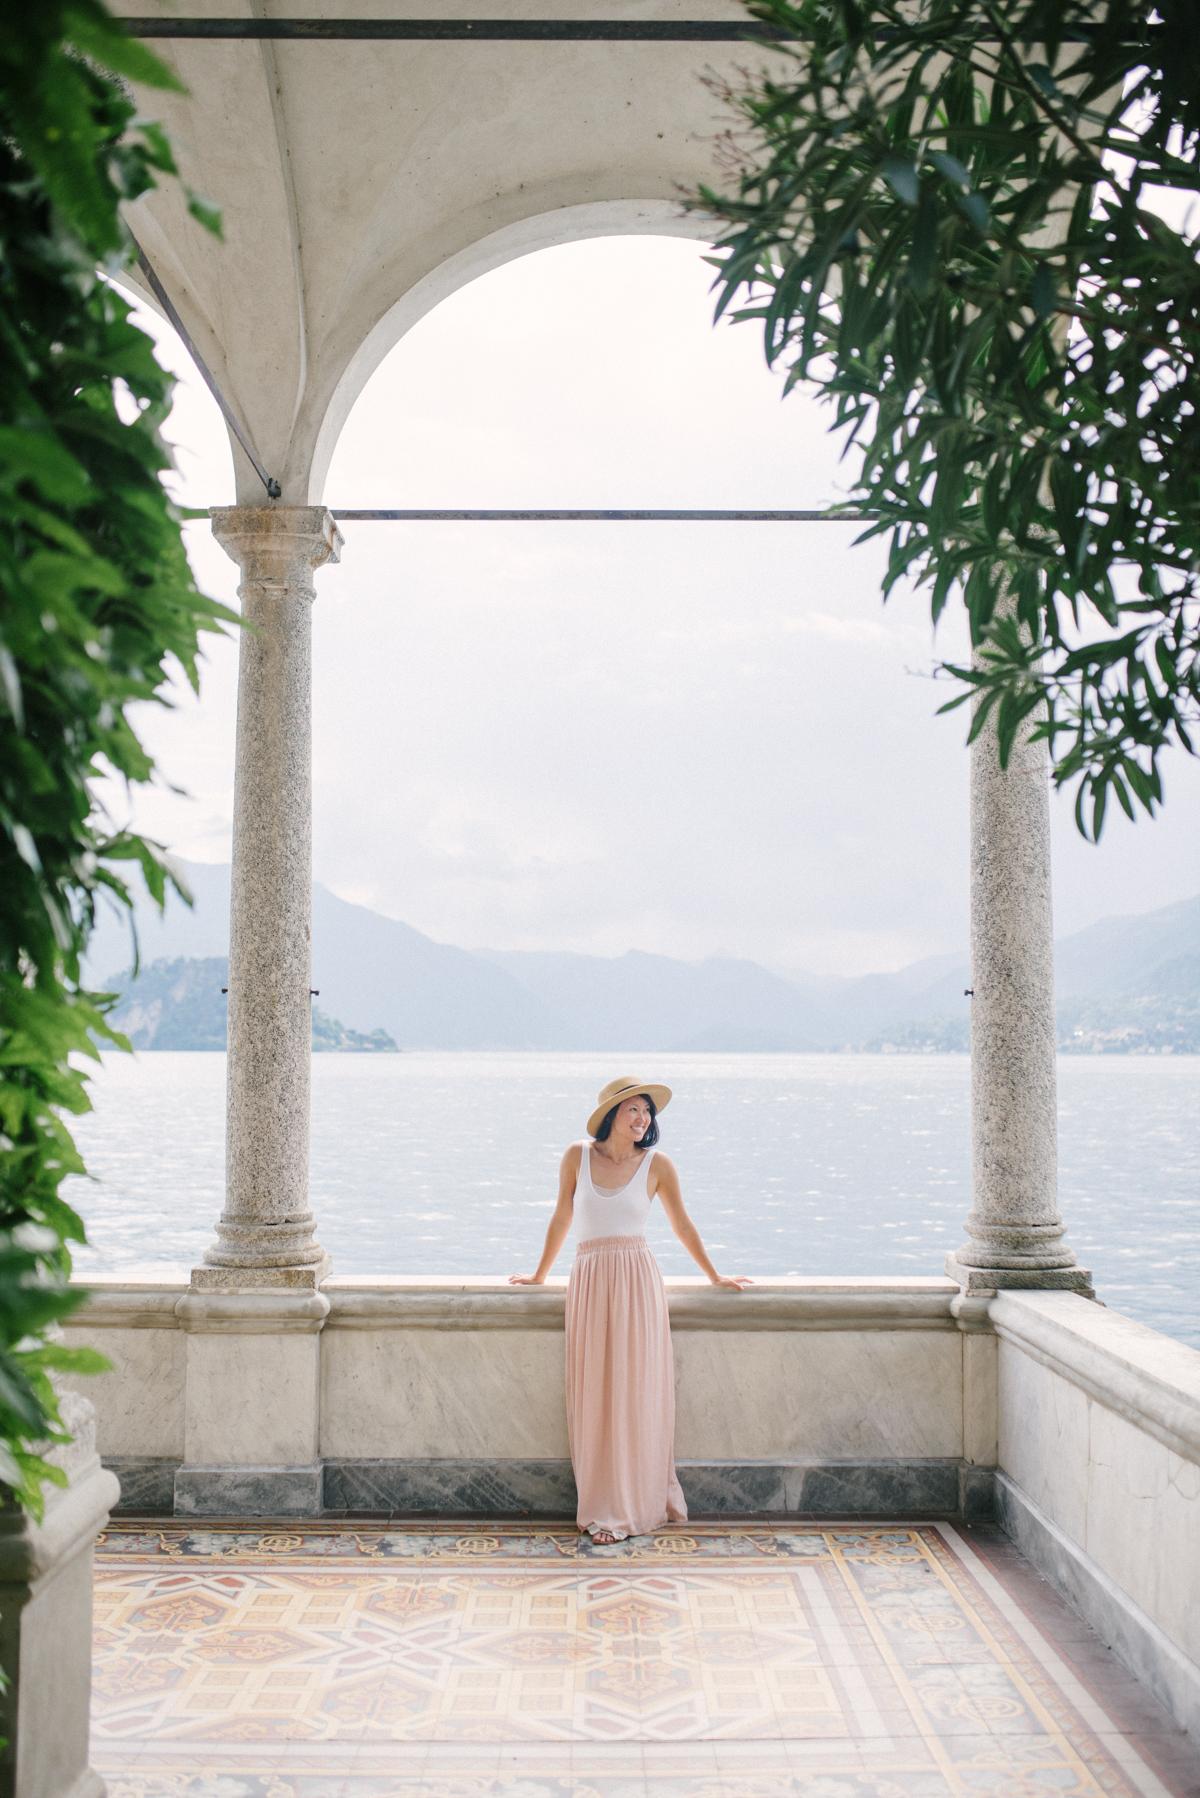 Eva Lin Photography Italy 2018 -45.jpg